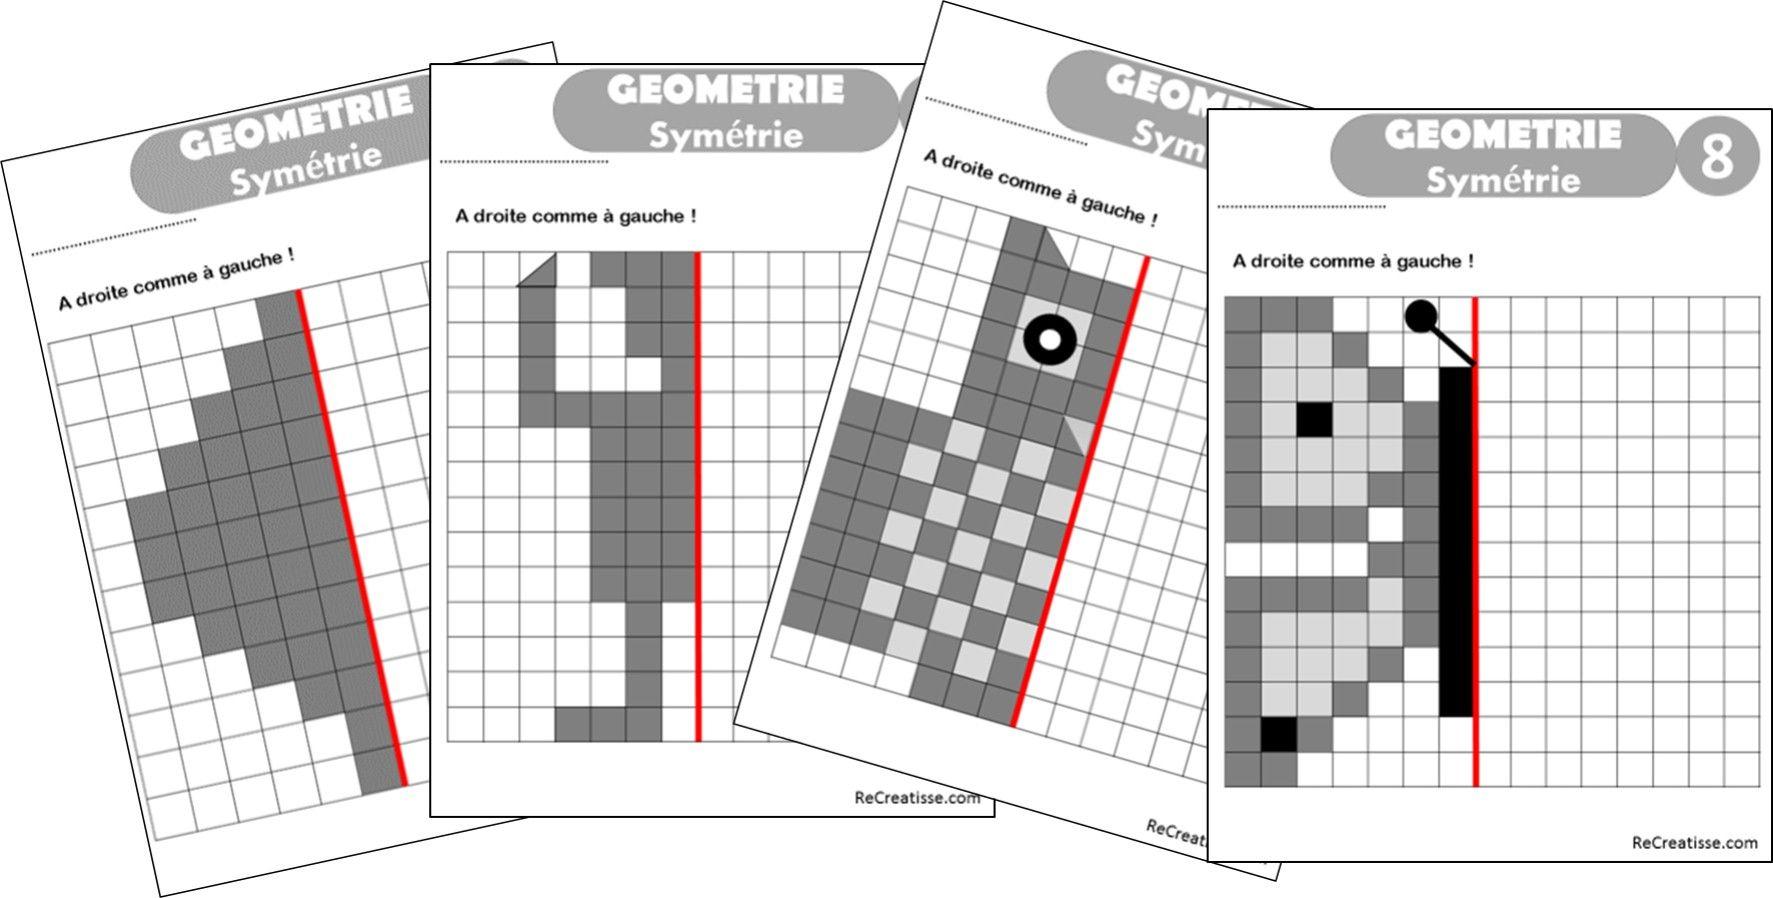 Geometrie : Ateliers Symétrie Et Exercices | Géométrie, Axe tout Symétrie A Imprimer